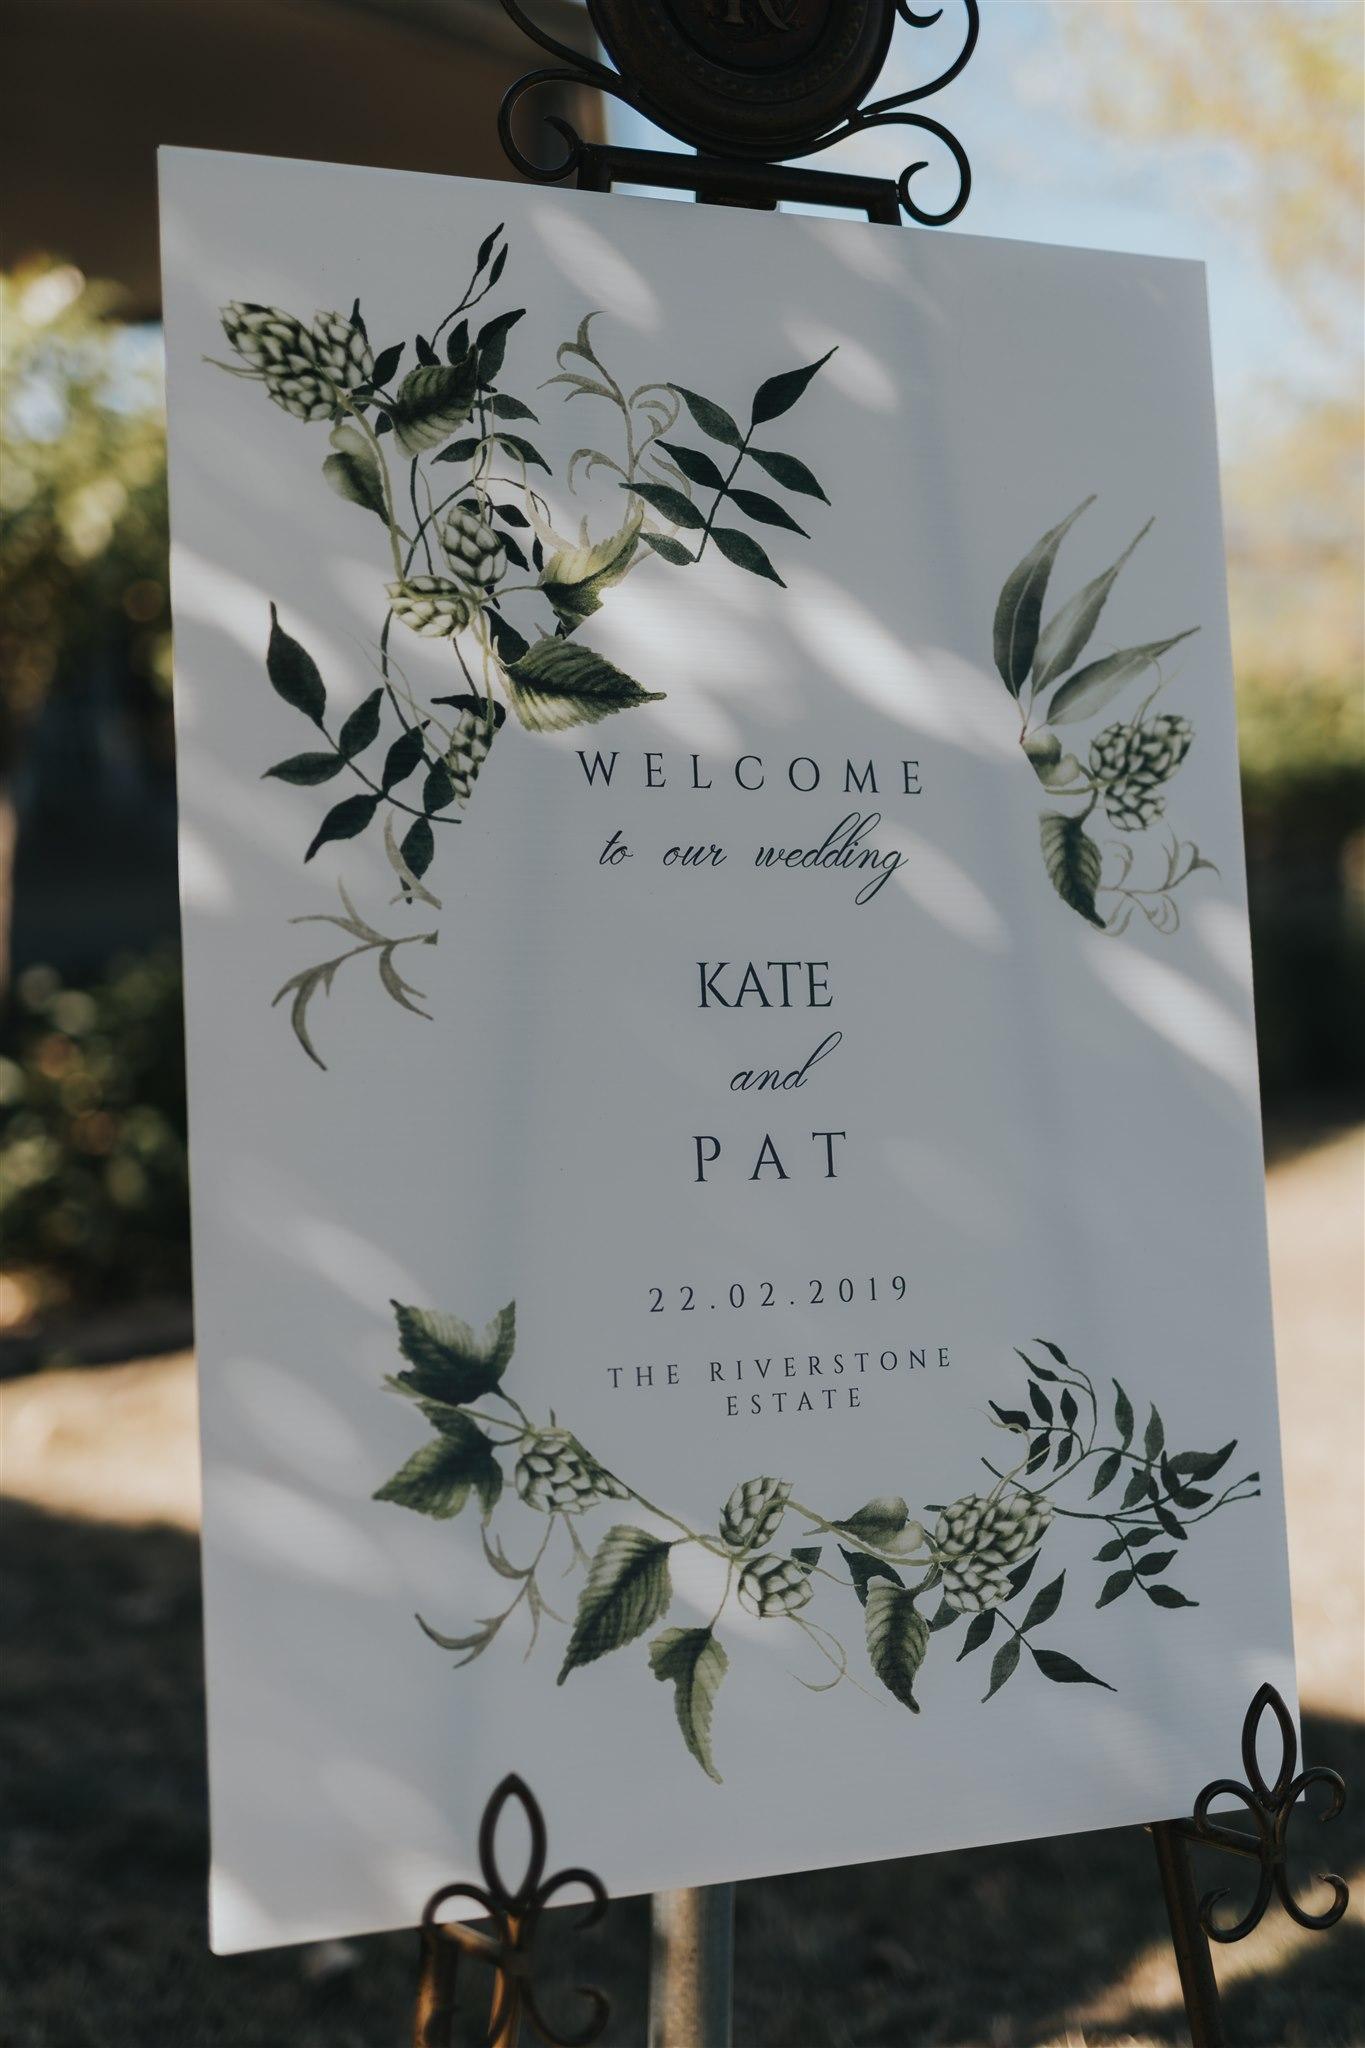 KATE+PAT-CEREMONY-1.jpg